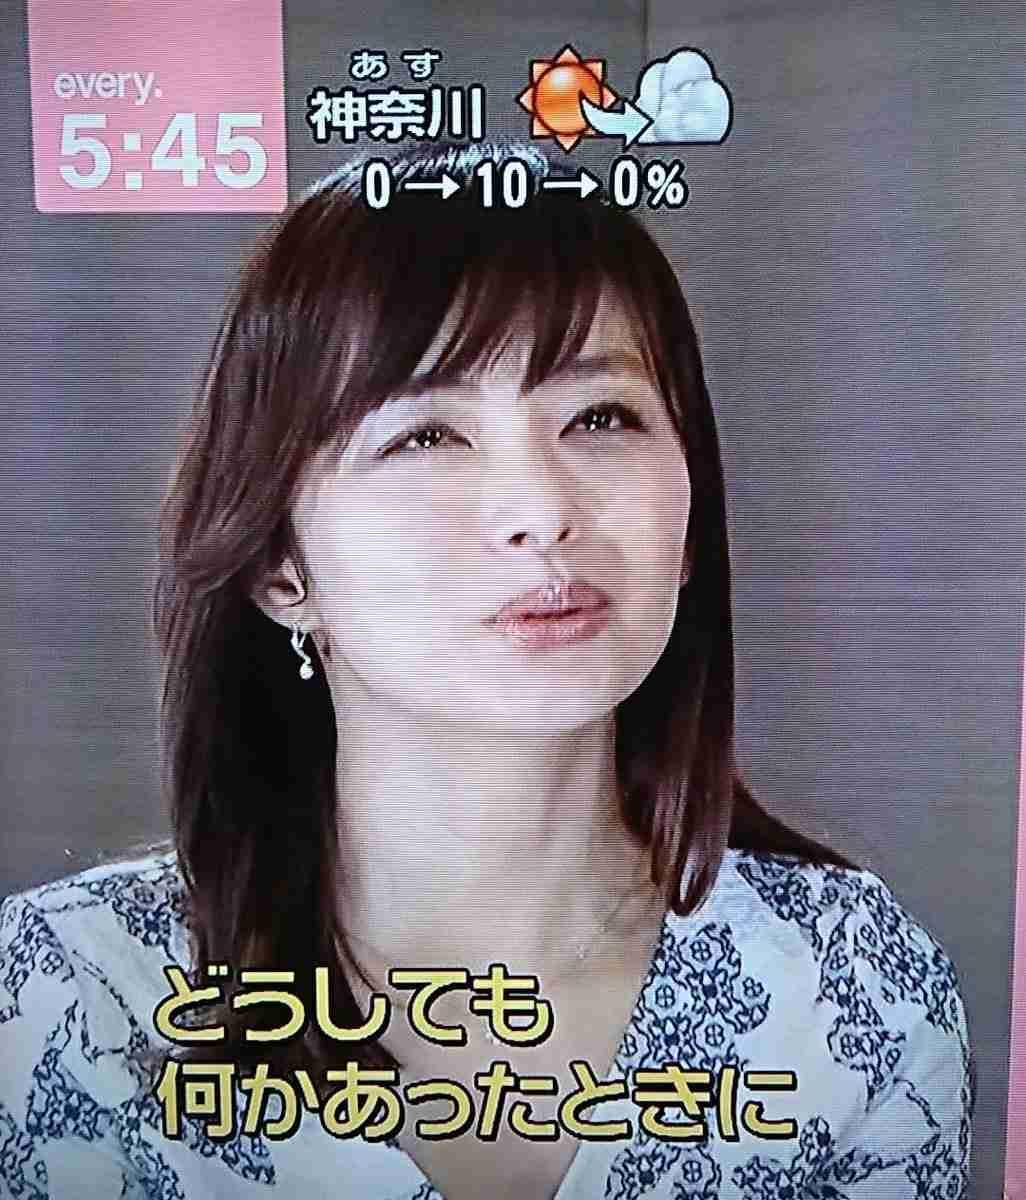 『VS嵐』、女子アナ軍団出演にファン激怒!「伊藤綾子思い出す」「フジは不謹慎」と大炎上